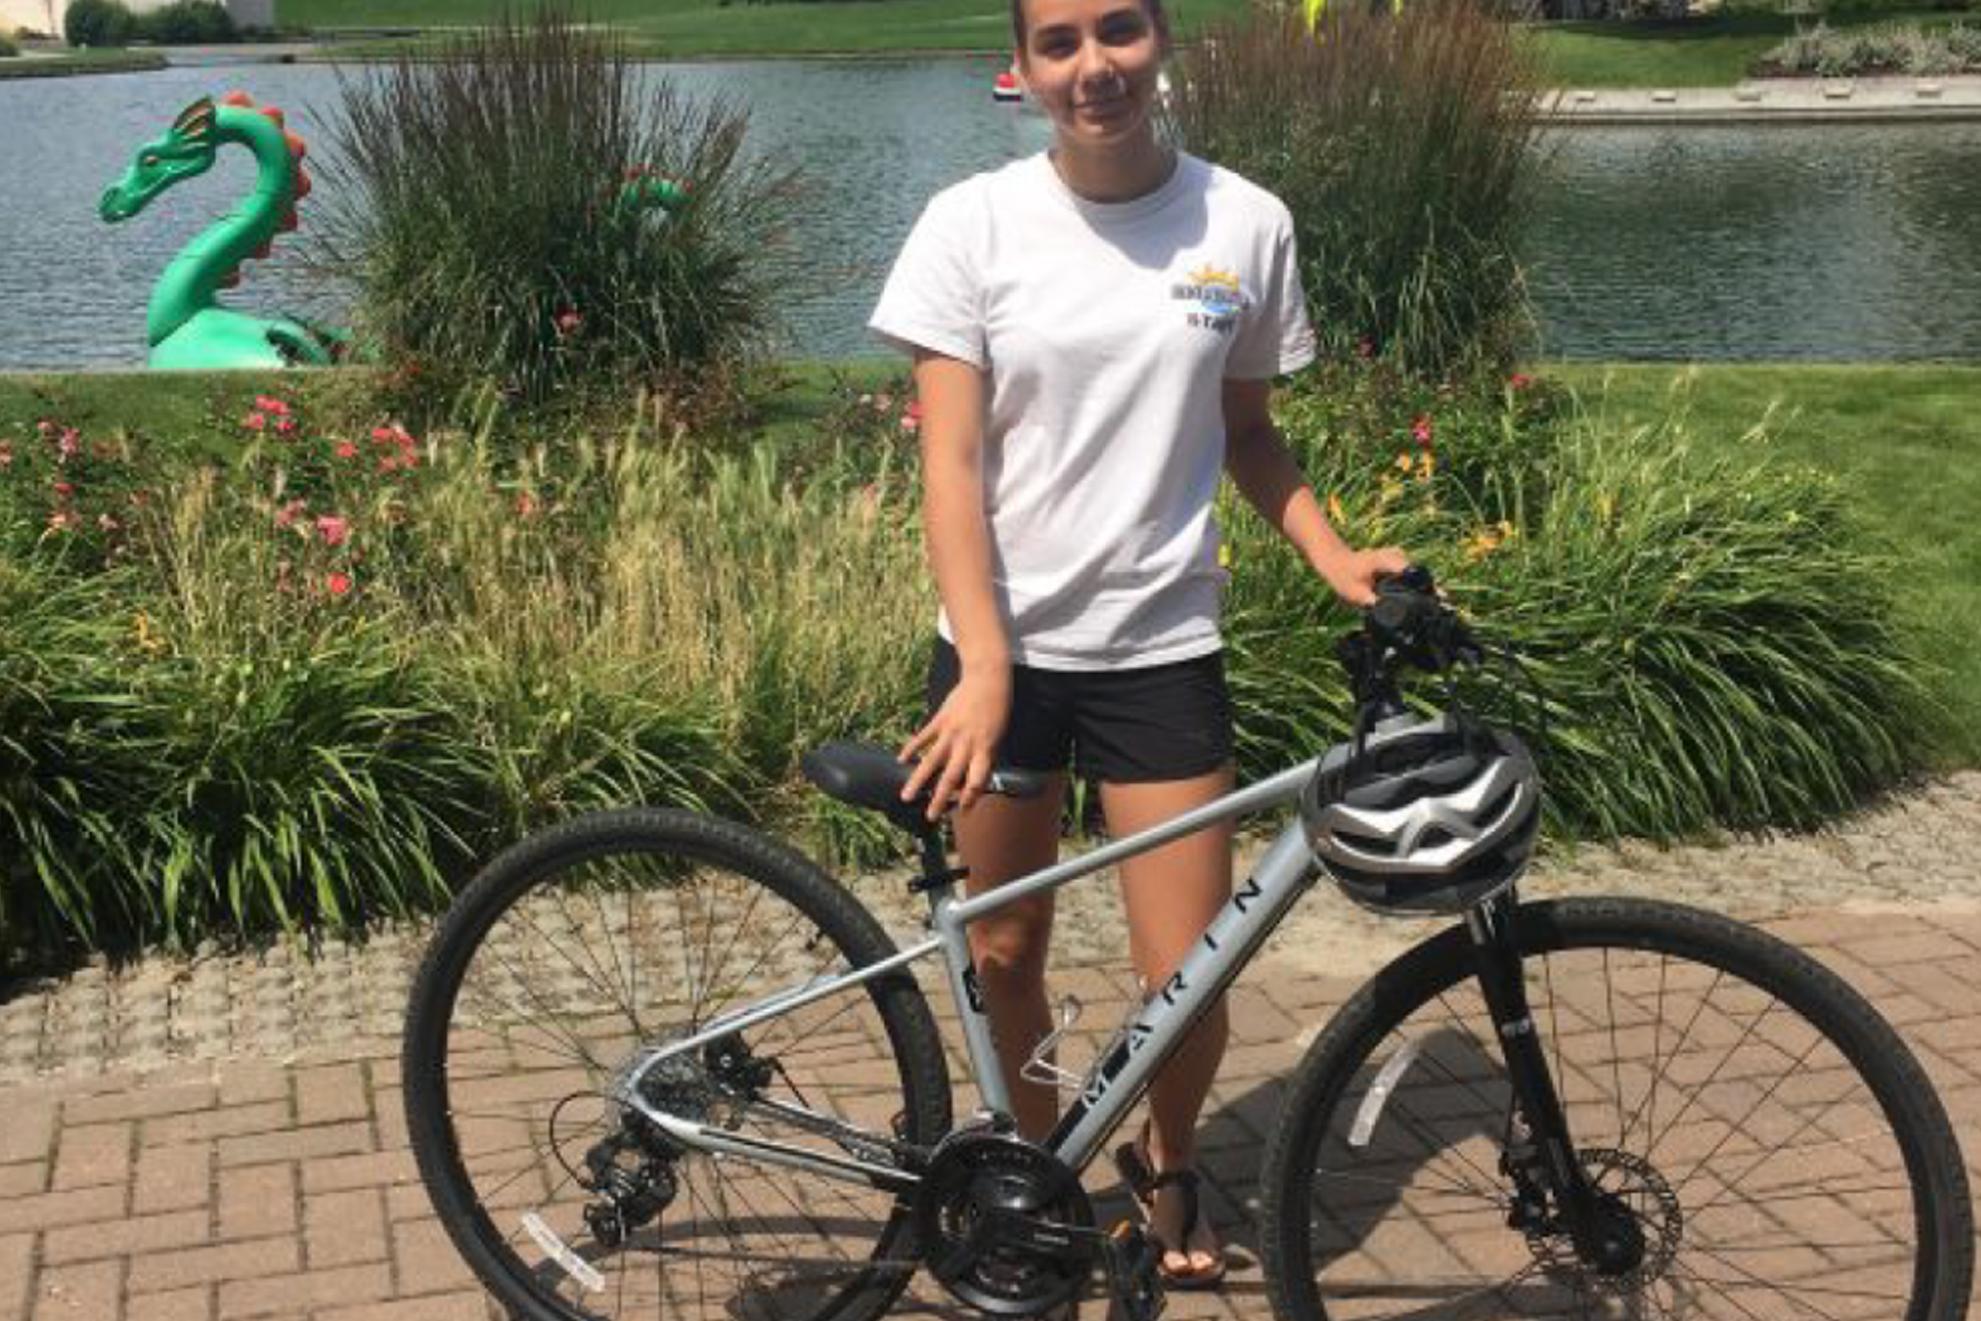 Bike Rental Kelowna